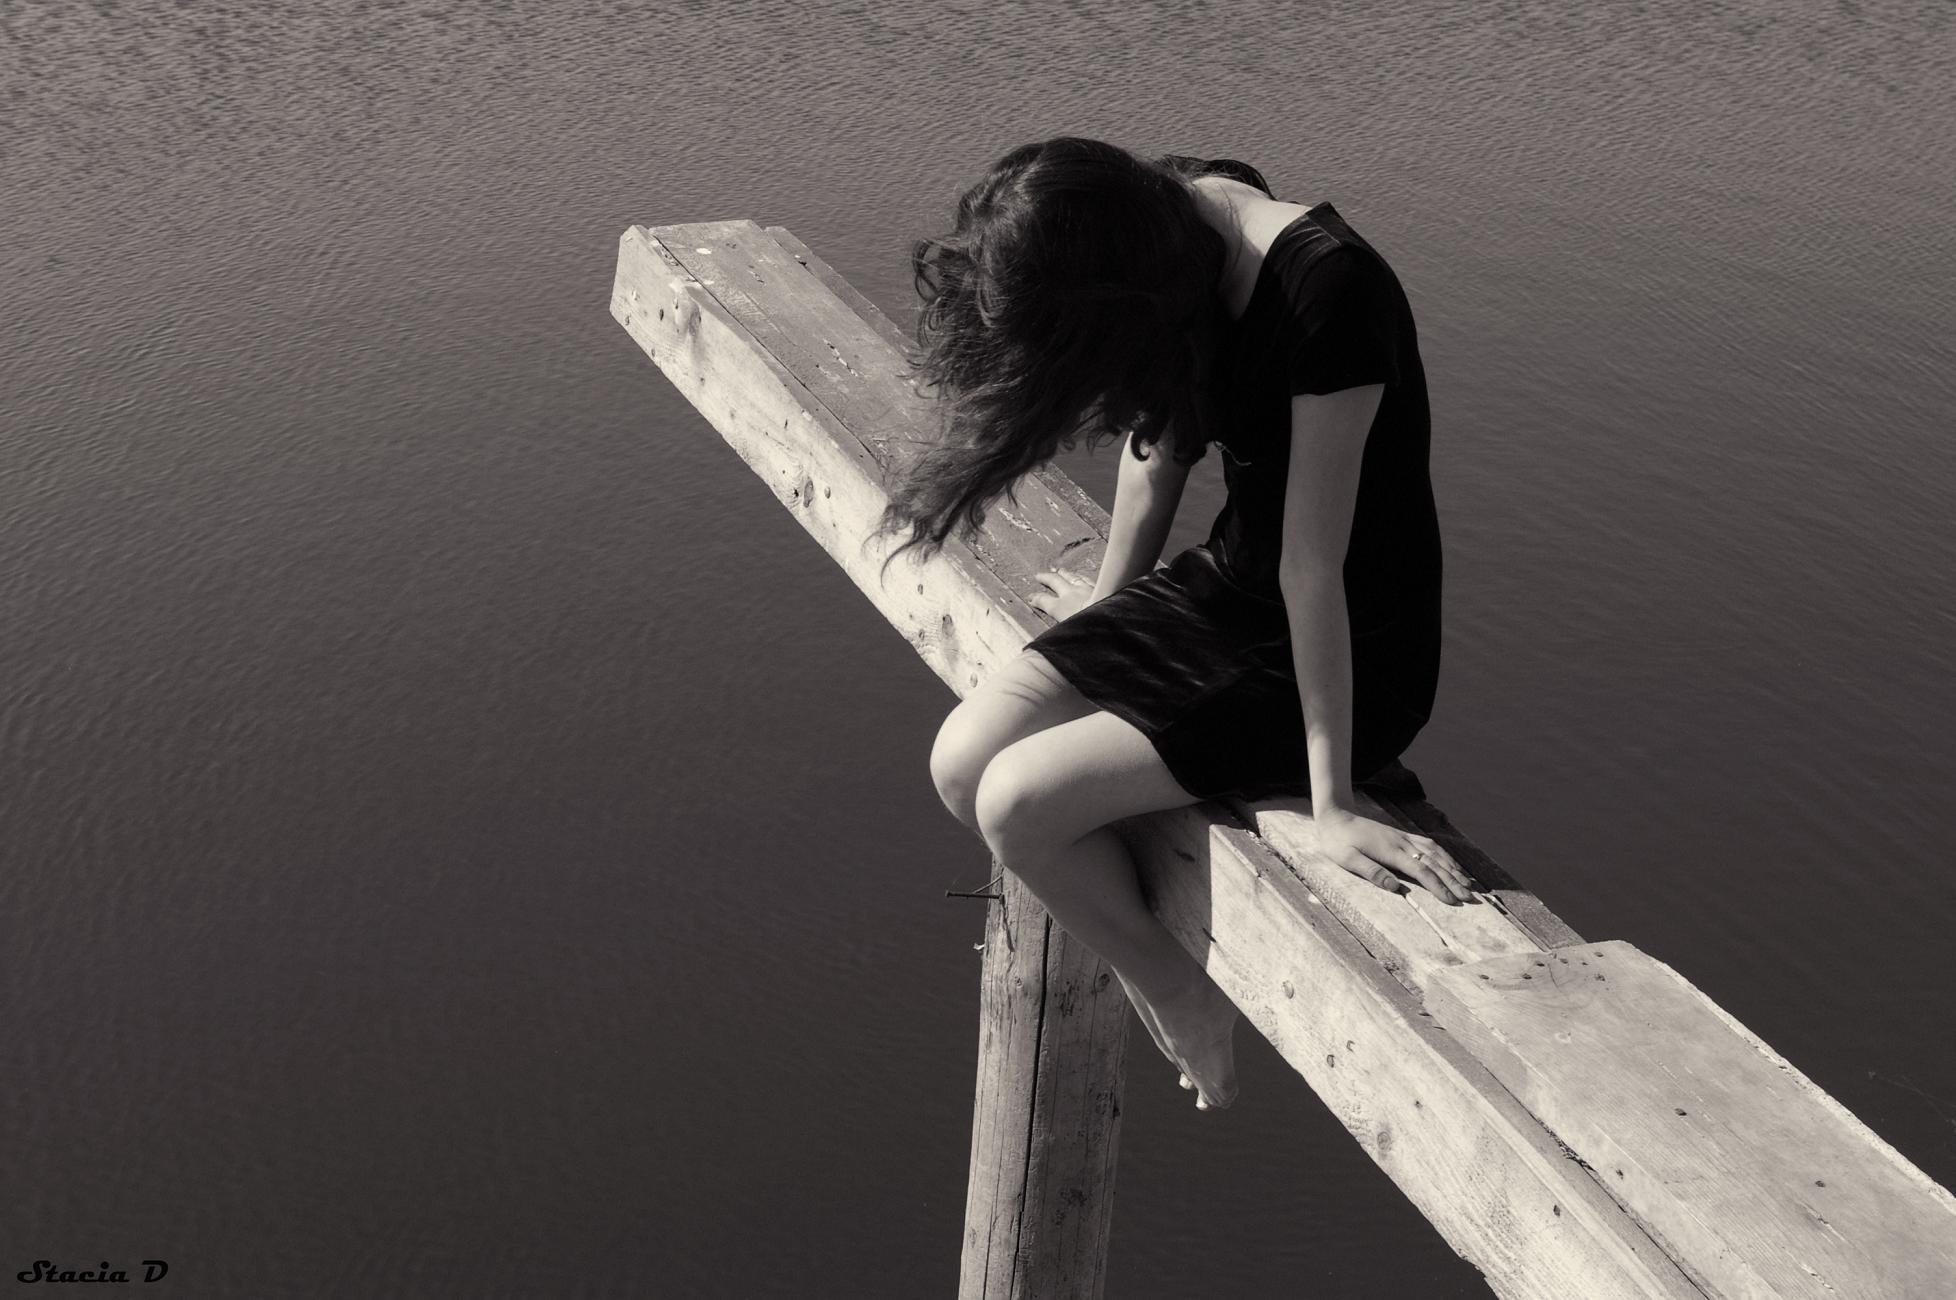 Картинки грусть одиночество девушки с надписями